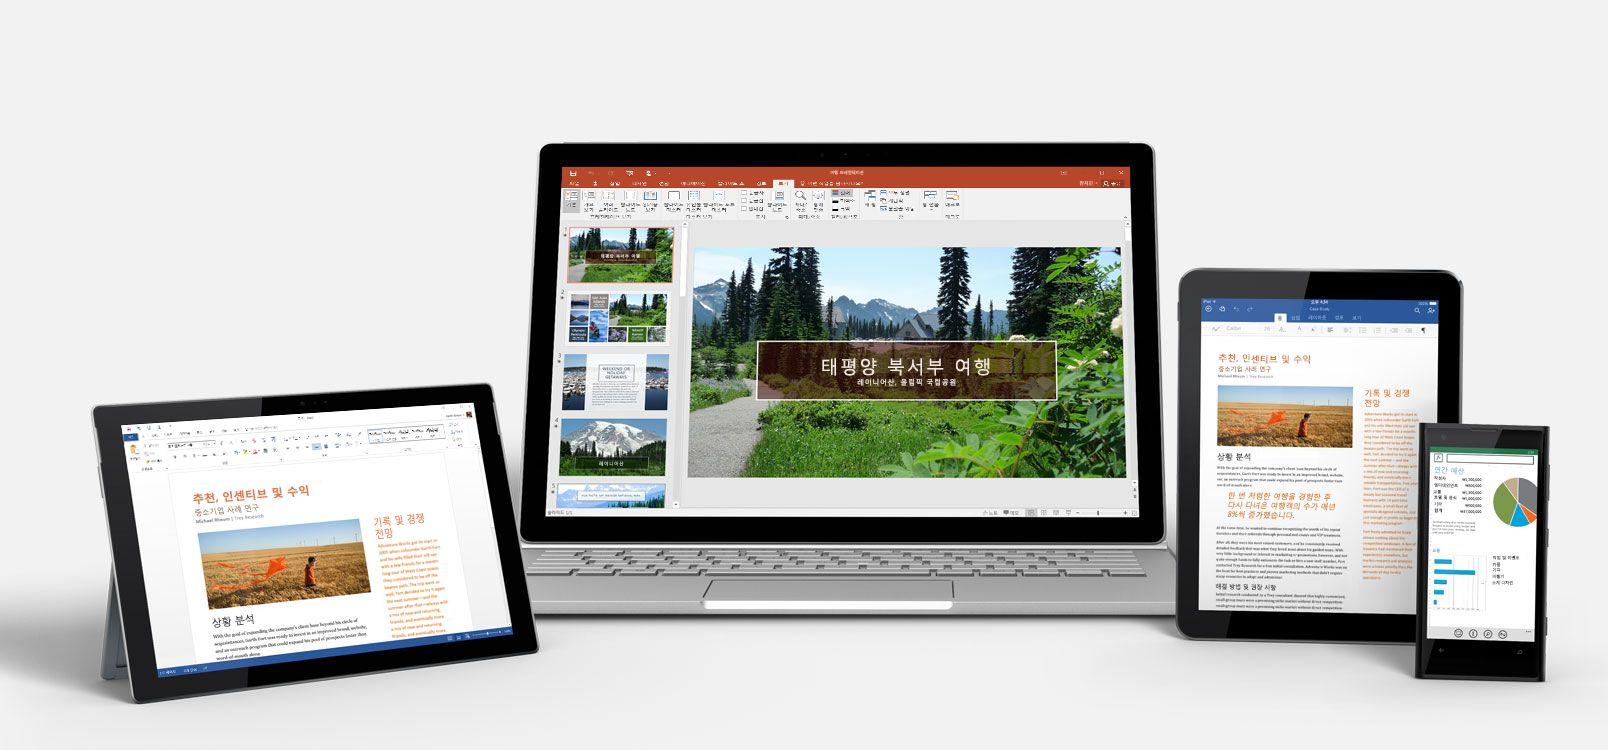 Office 365를 사용 중인 Windows 태블릿, 노트북, iPad 및 스마트폰